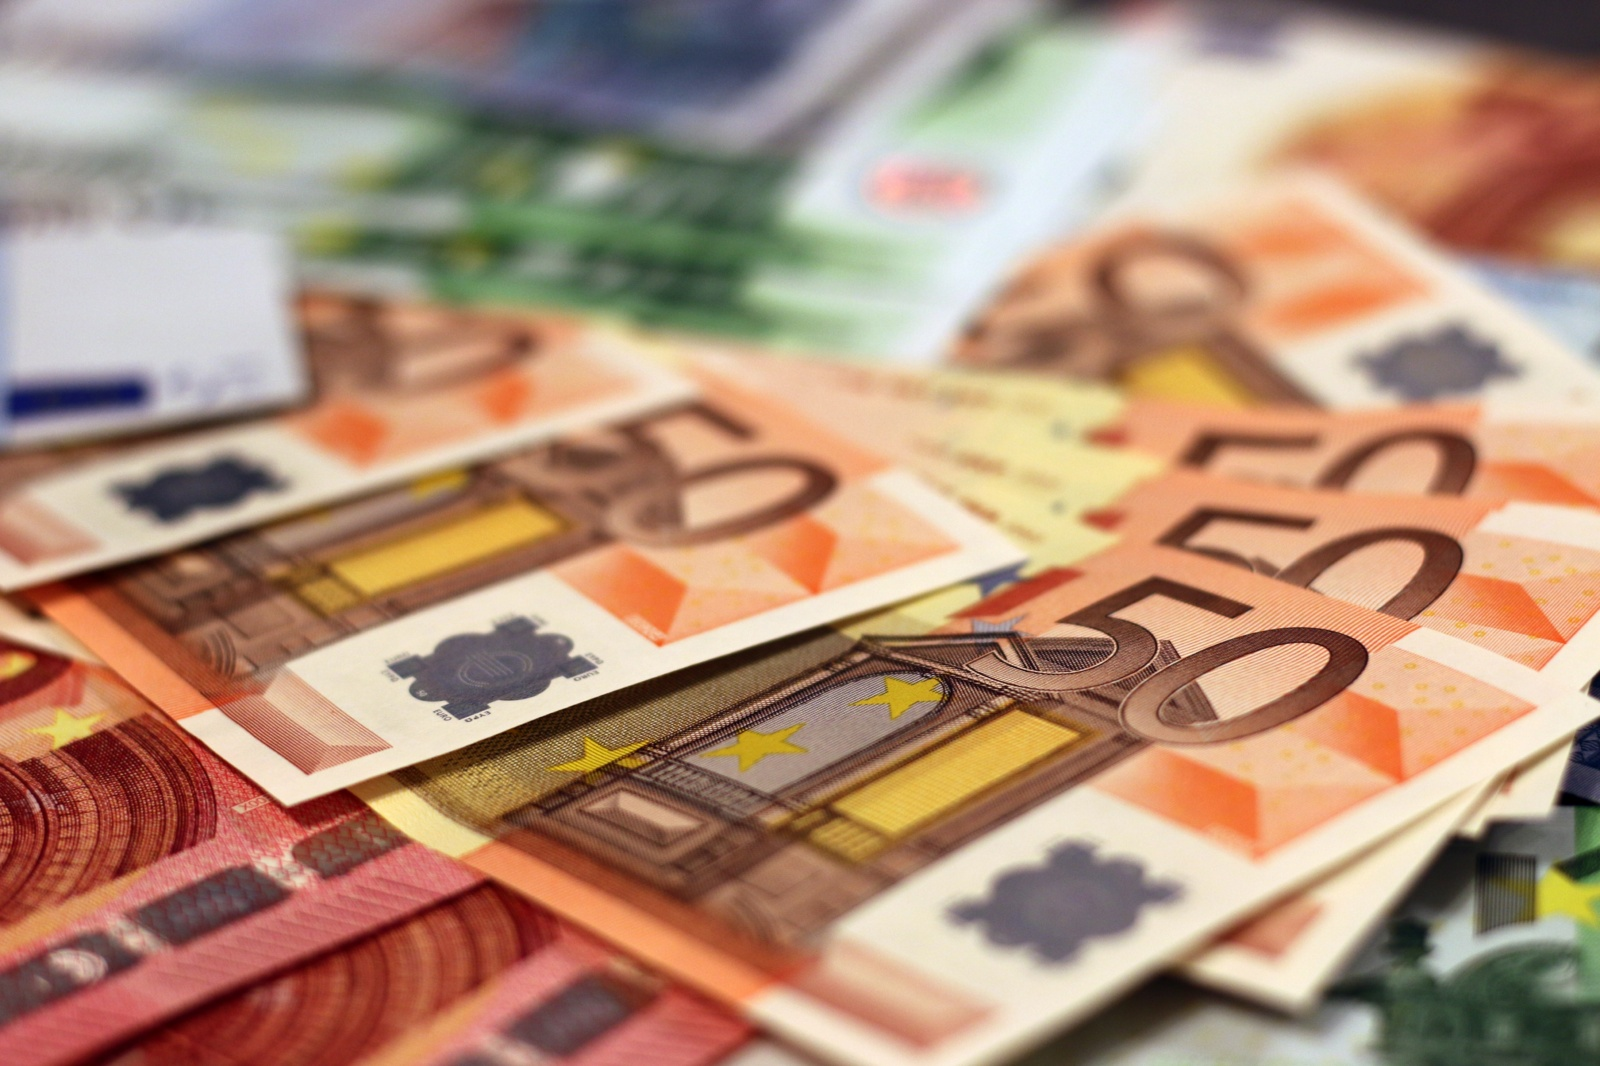 Patvirtinti pirmieji verslo kaimo vietovėse projektai 16 tūkst. eurų paramai gauti